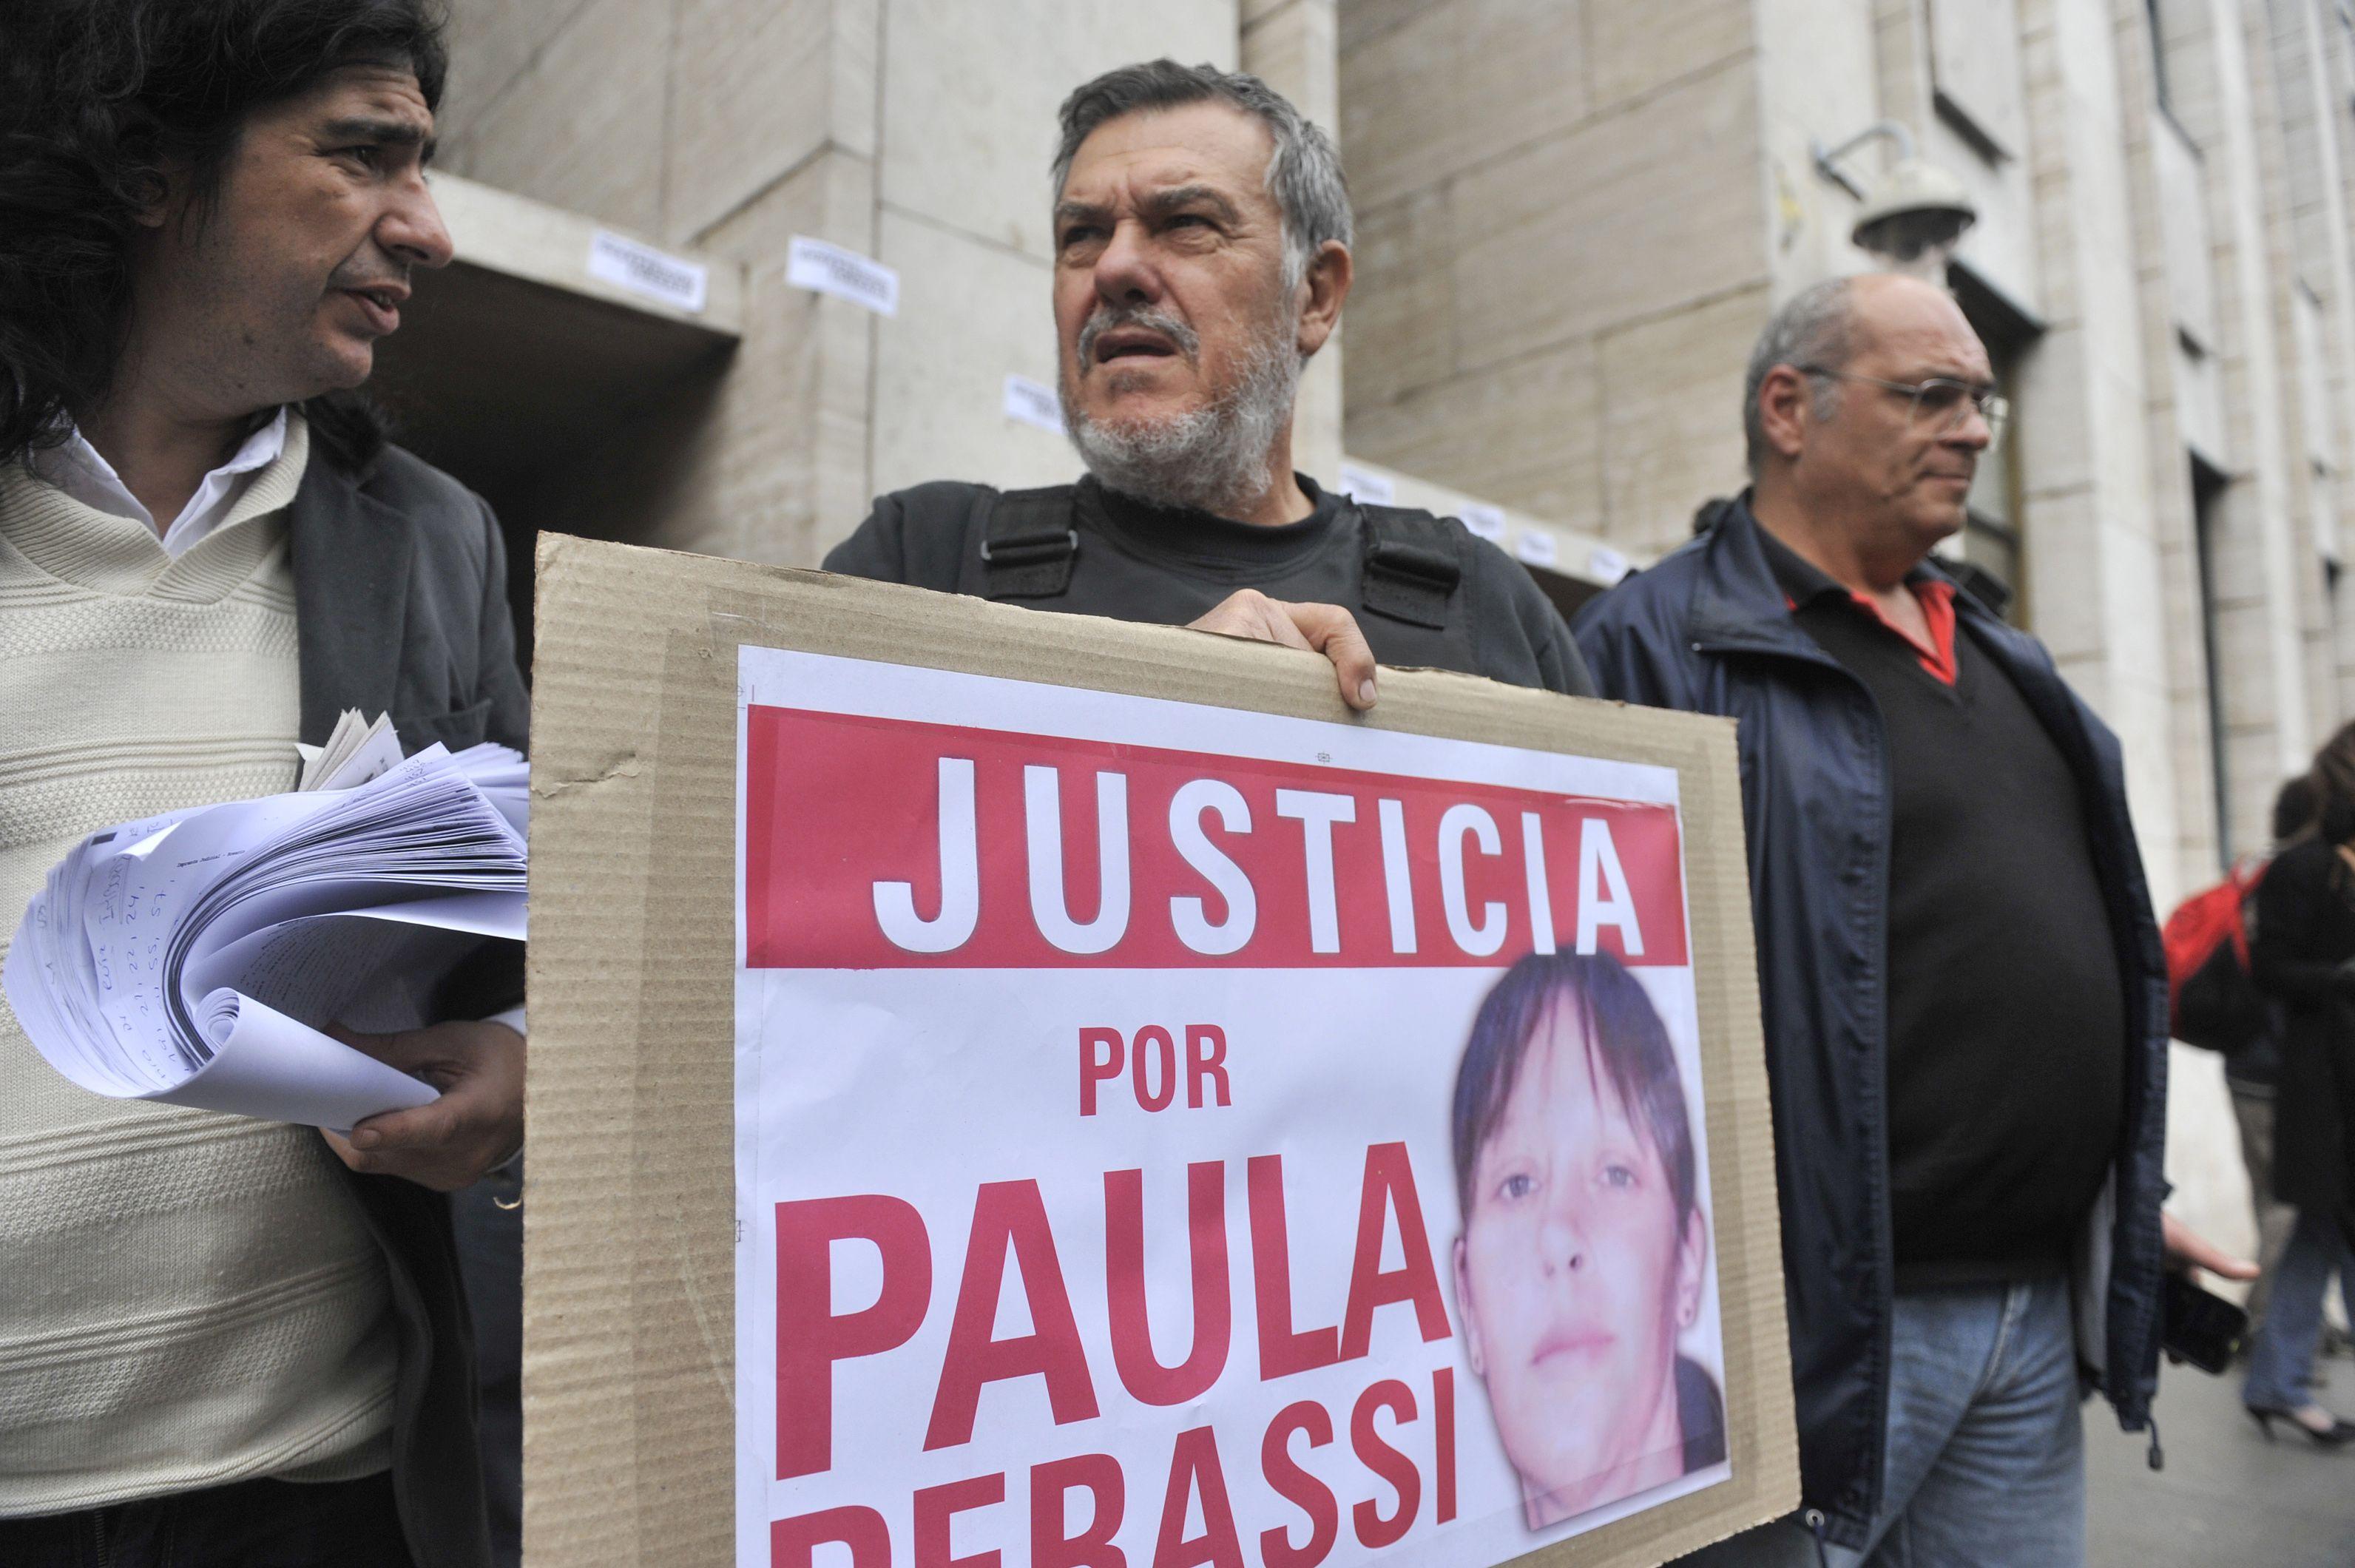 El padre de Paula Perassi encabezó el reclamo de Justicia por la desaparición de la joven de San Lorenzo.